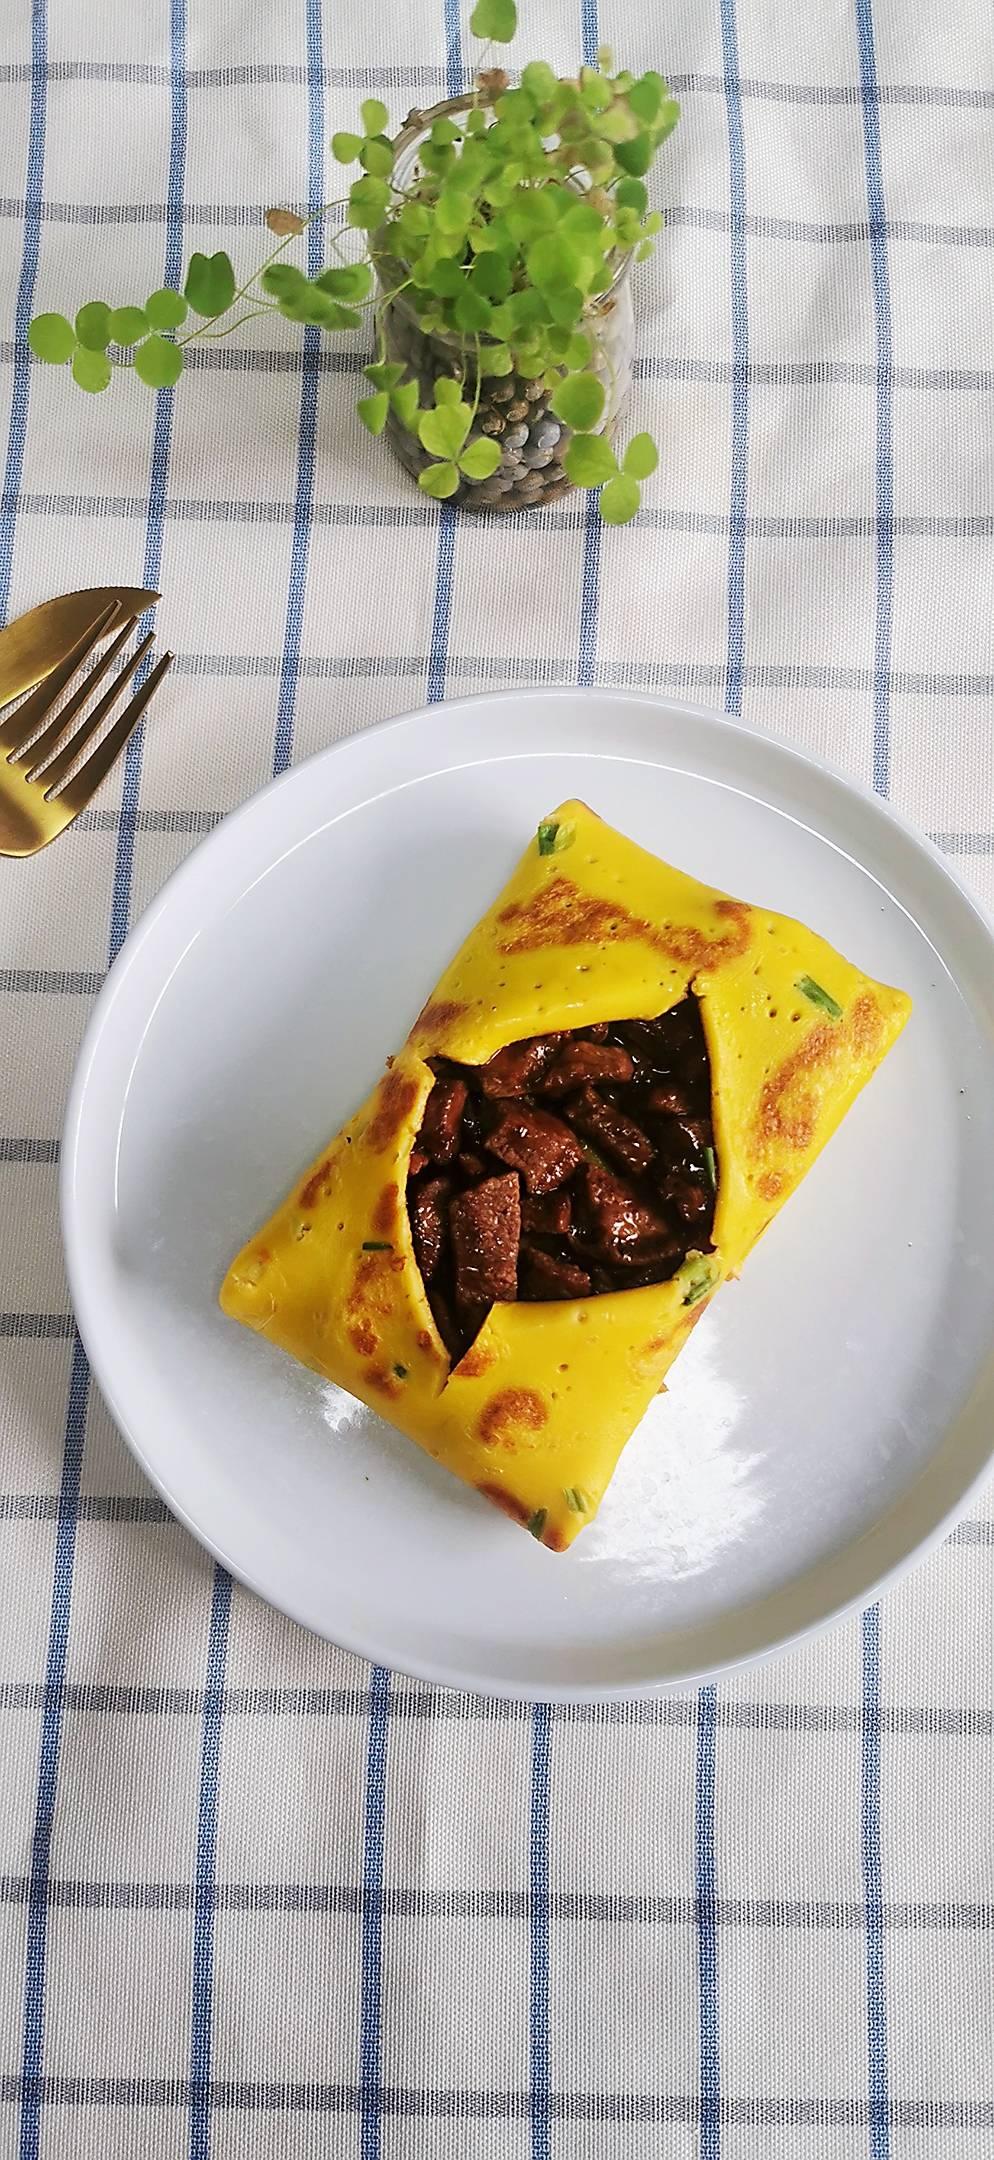 鸡蛋饼裹牛肉成品图